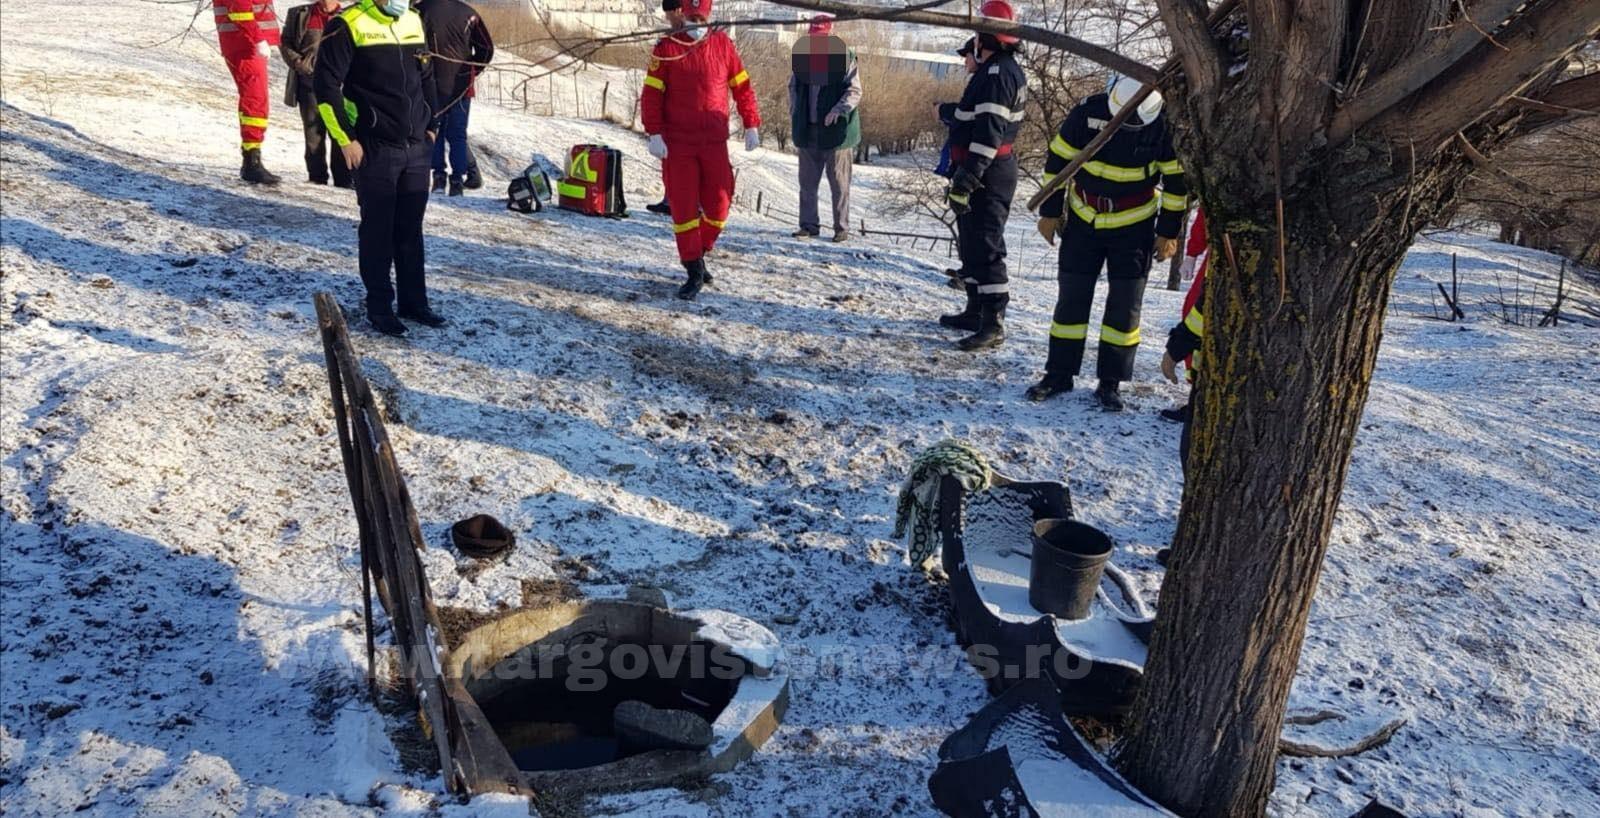 Ultima oră – Bărbat găsit decedat, îngheţat într-o fântână, la Valea Mare Pravăţ